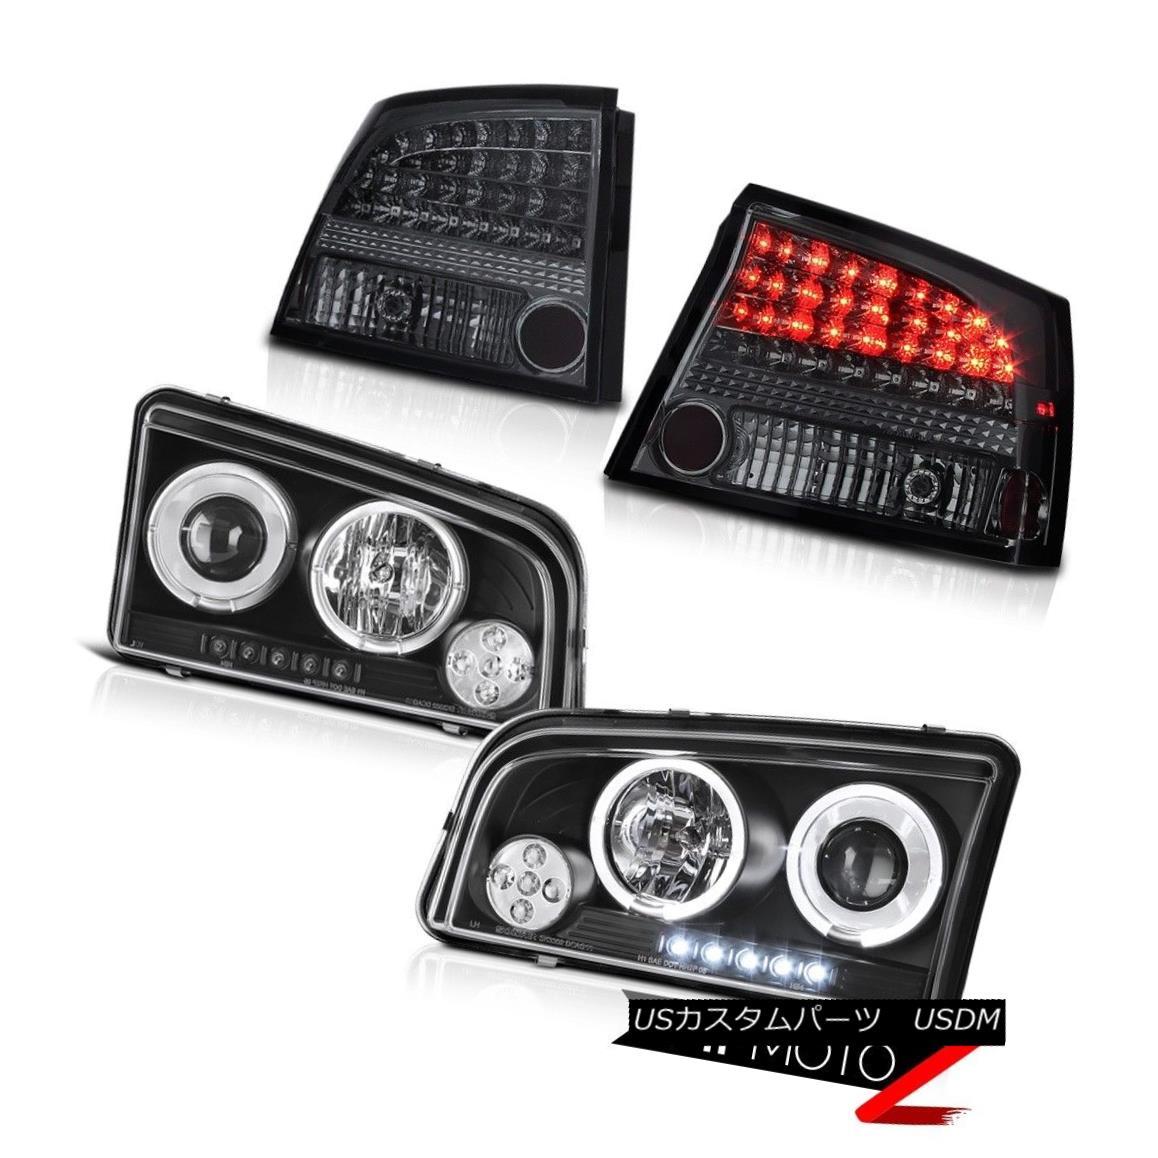 ヘッドライト 2009 2010 Charger 3.5L LED Infinity Black Projector Headlights Dark Tail Lights 2009 2010充電器3.5L LEDインフィニティブラックプロジェクターヘッドライトダークテールライト